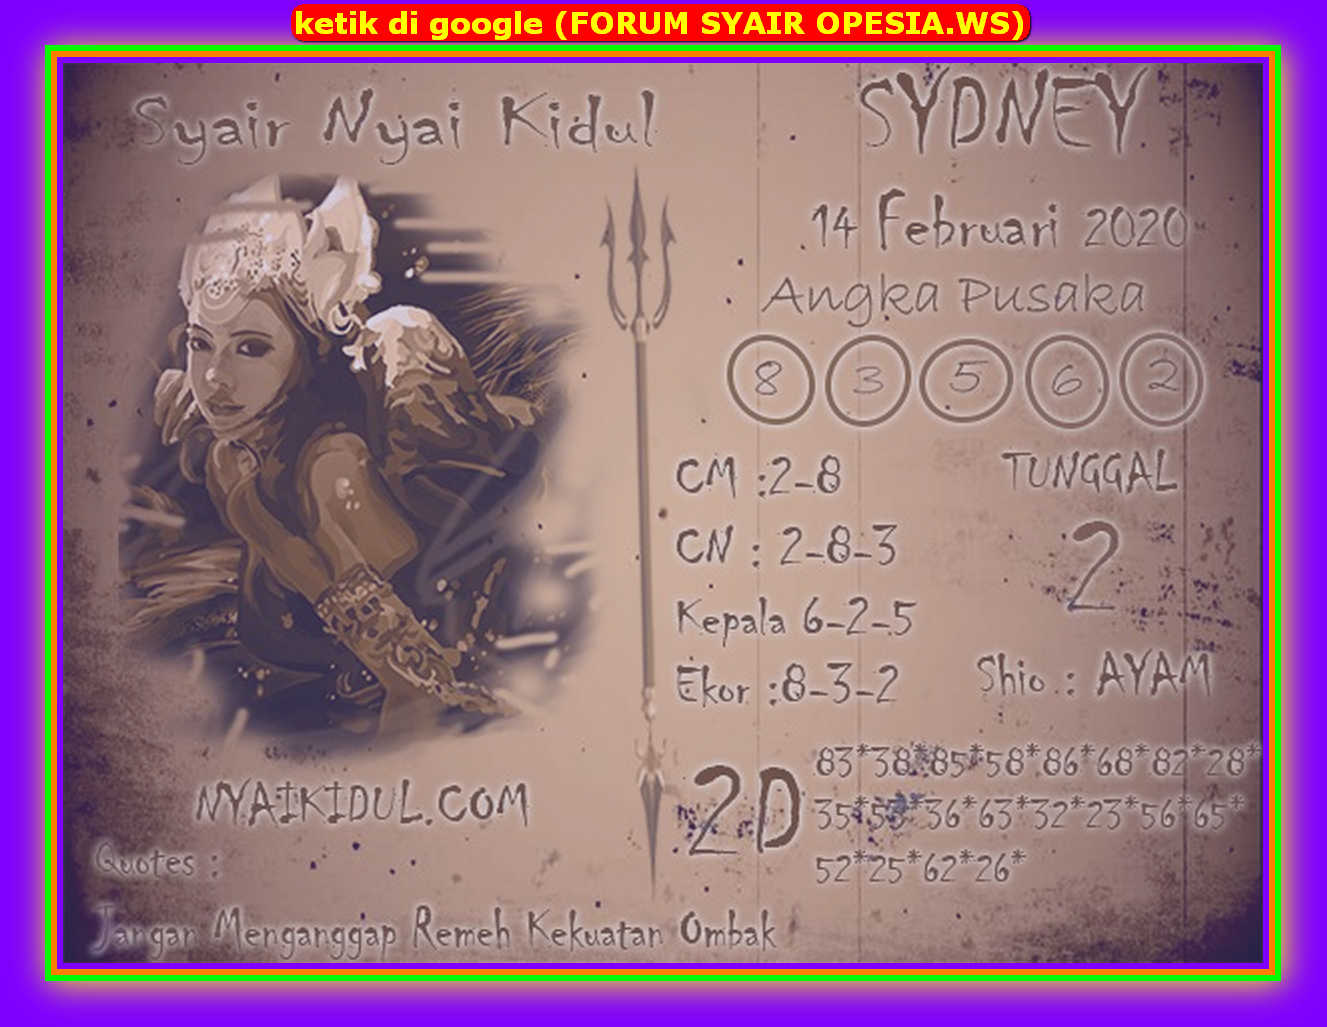 Kode syair Sydney Jumat 14 Februari 2020 93